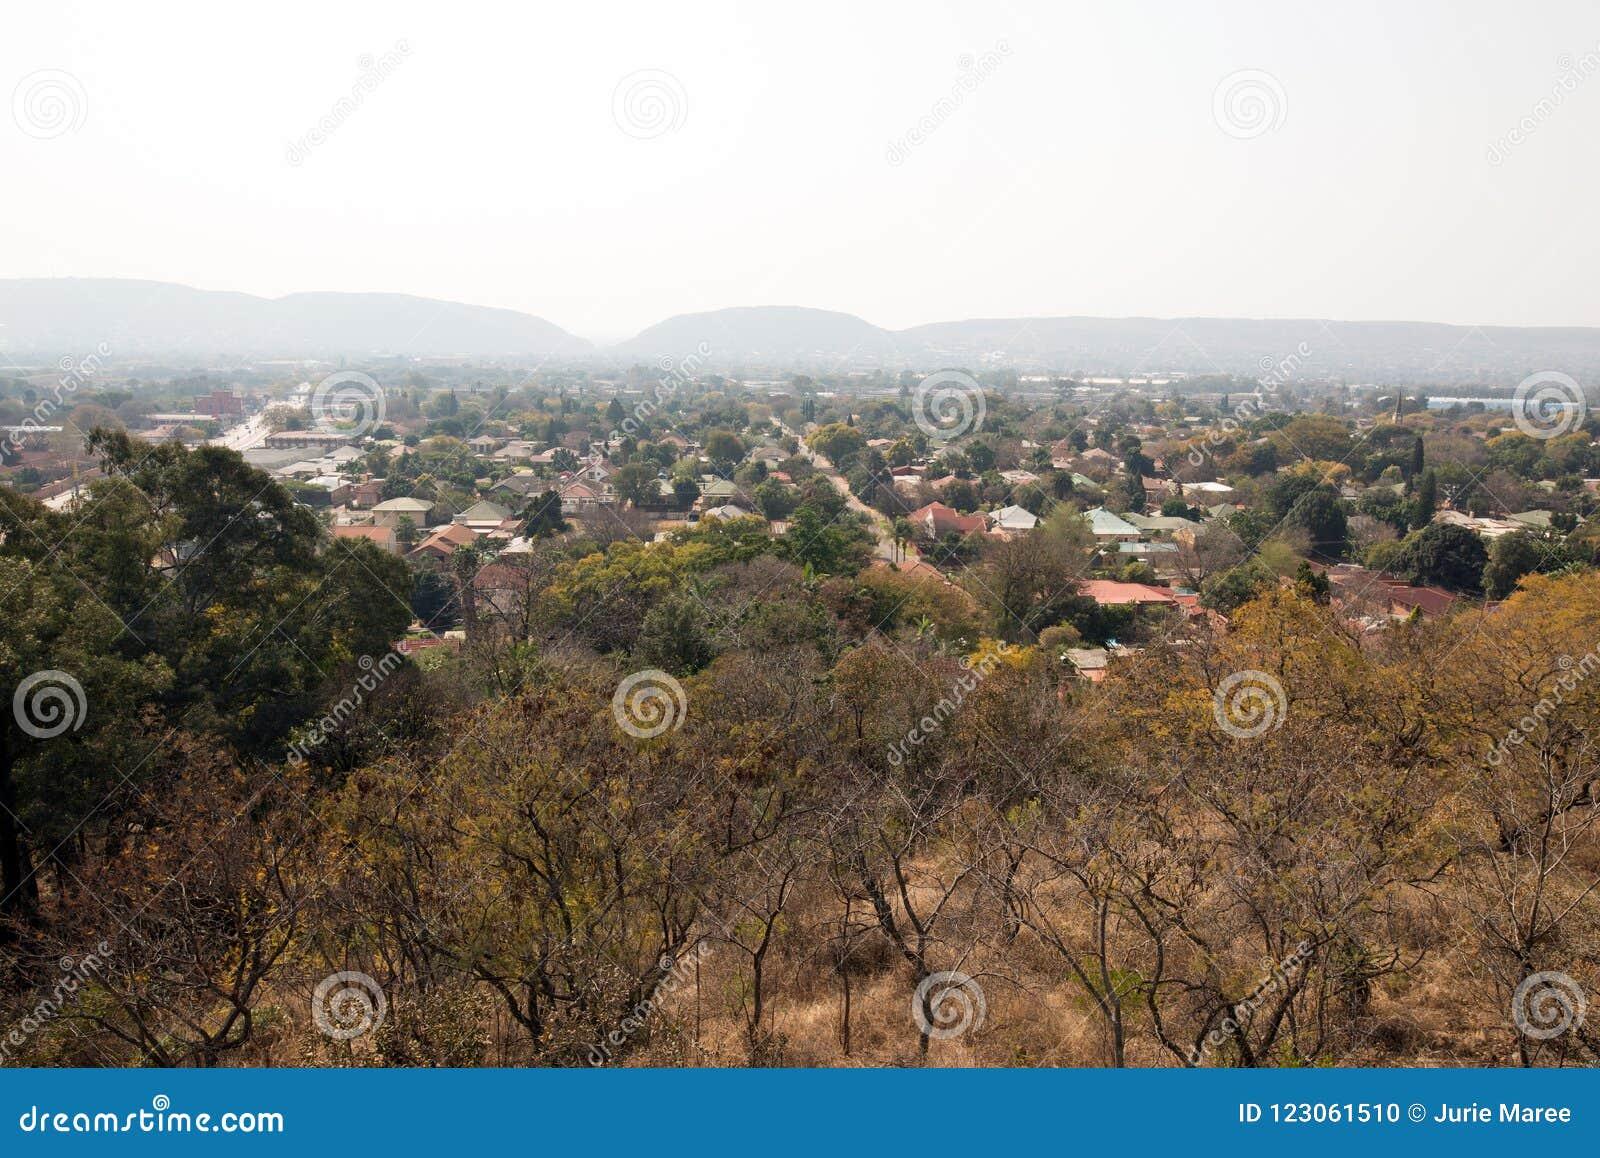 Ein üppiger Vorort von Pretoria, Südafrika